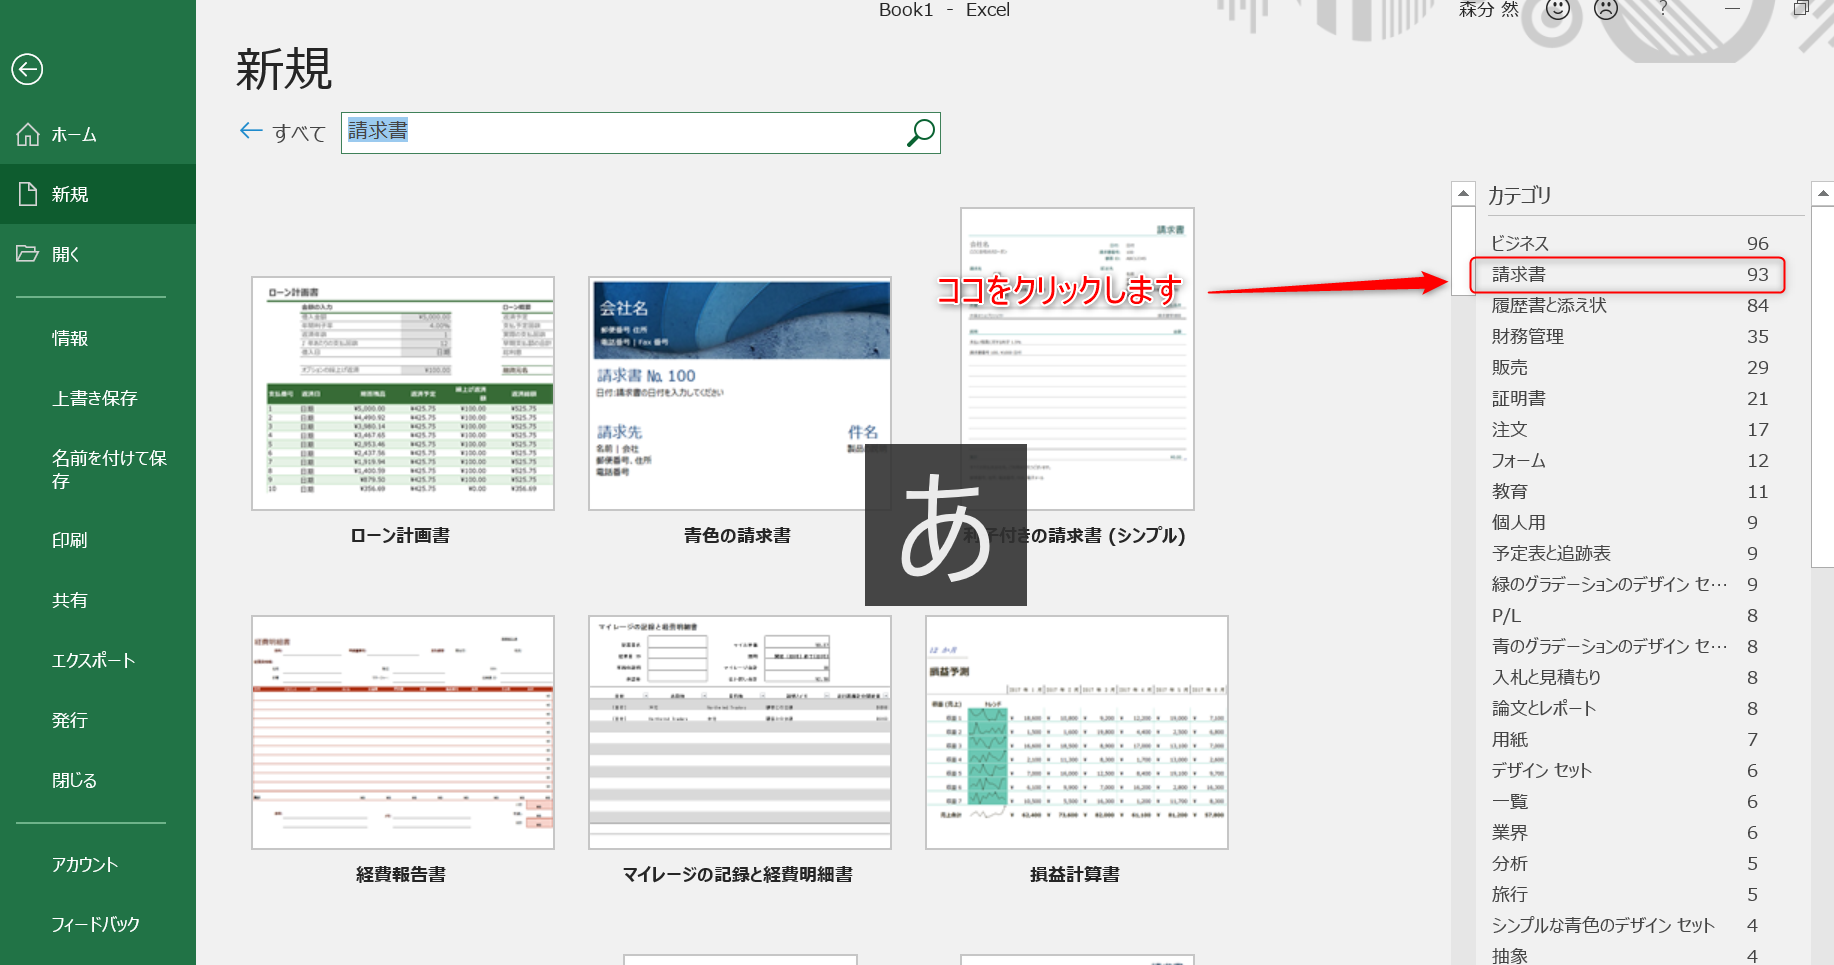 検索結果が表示されているエクセルの画像